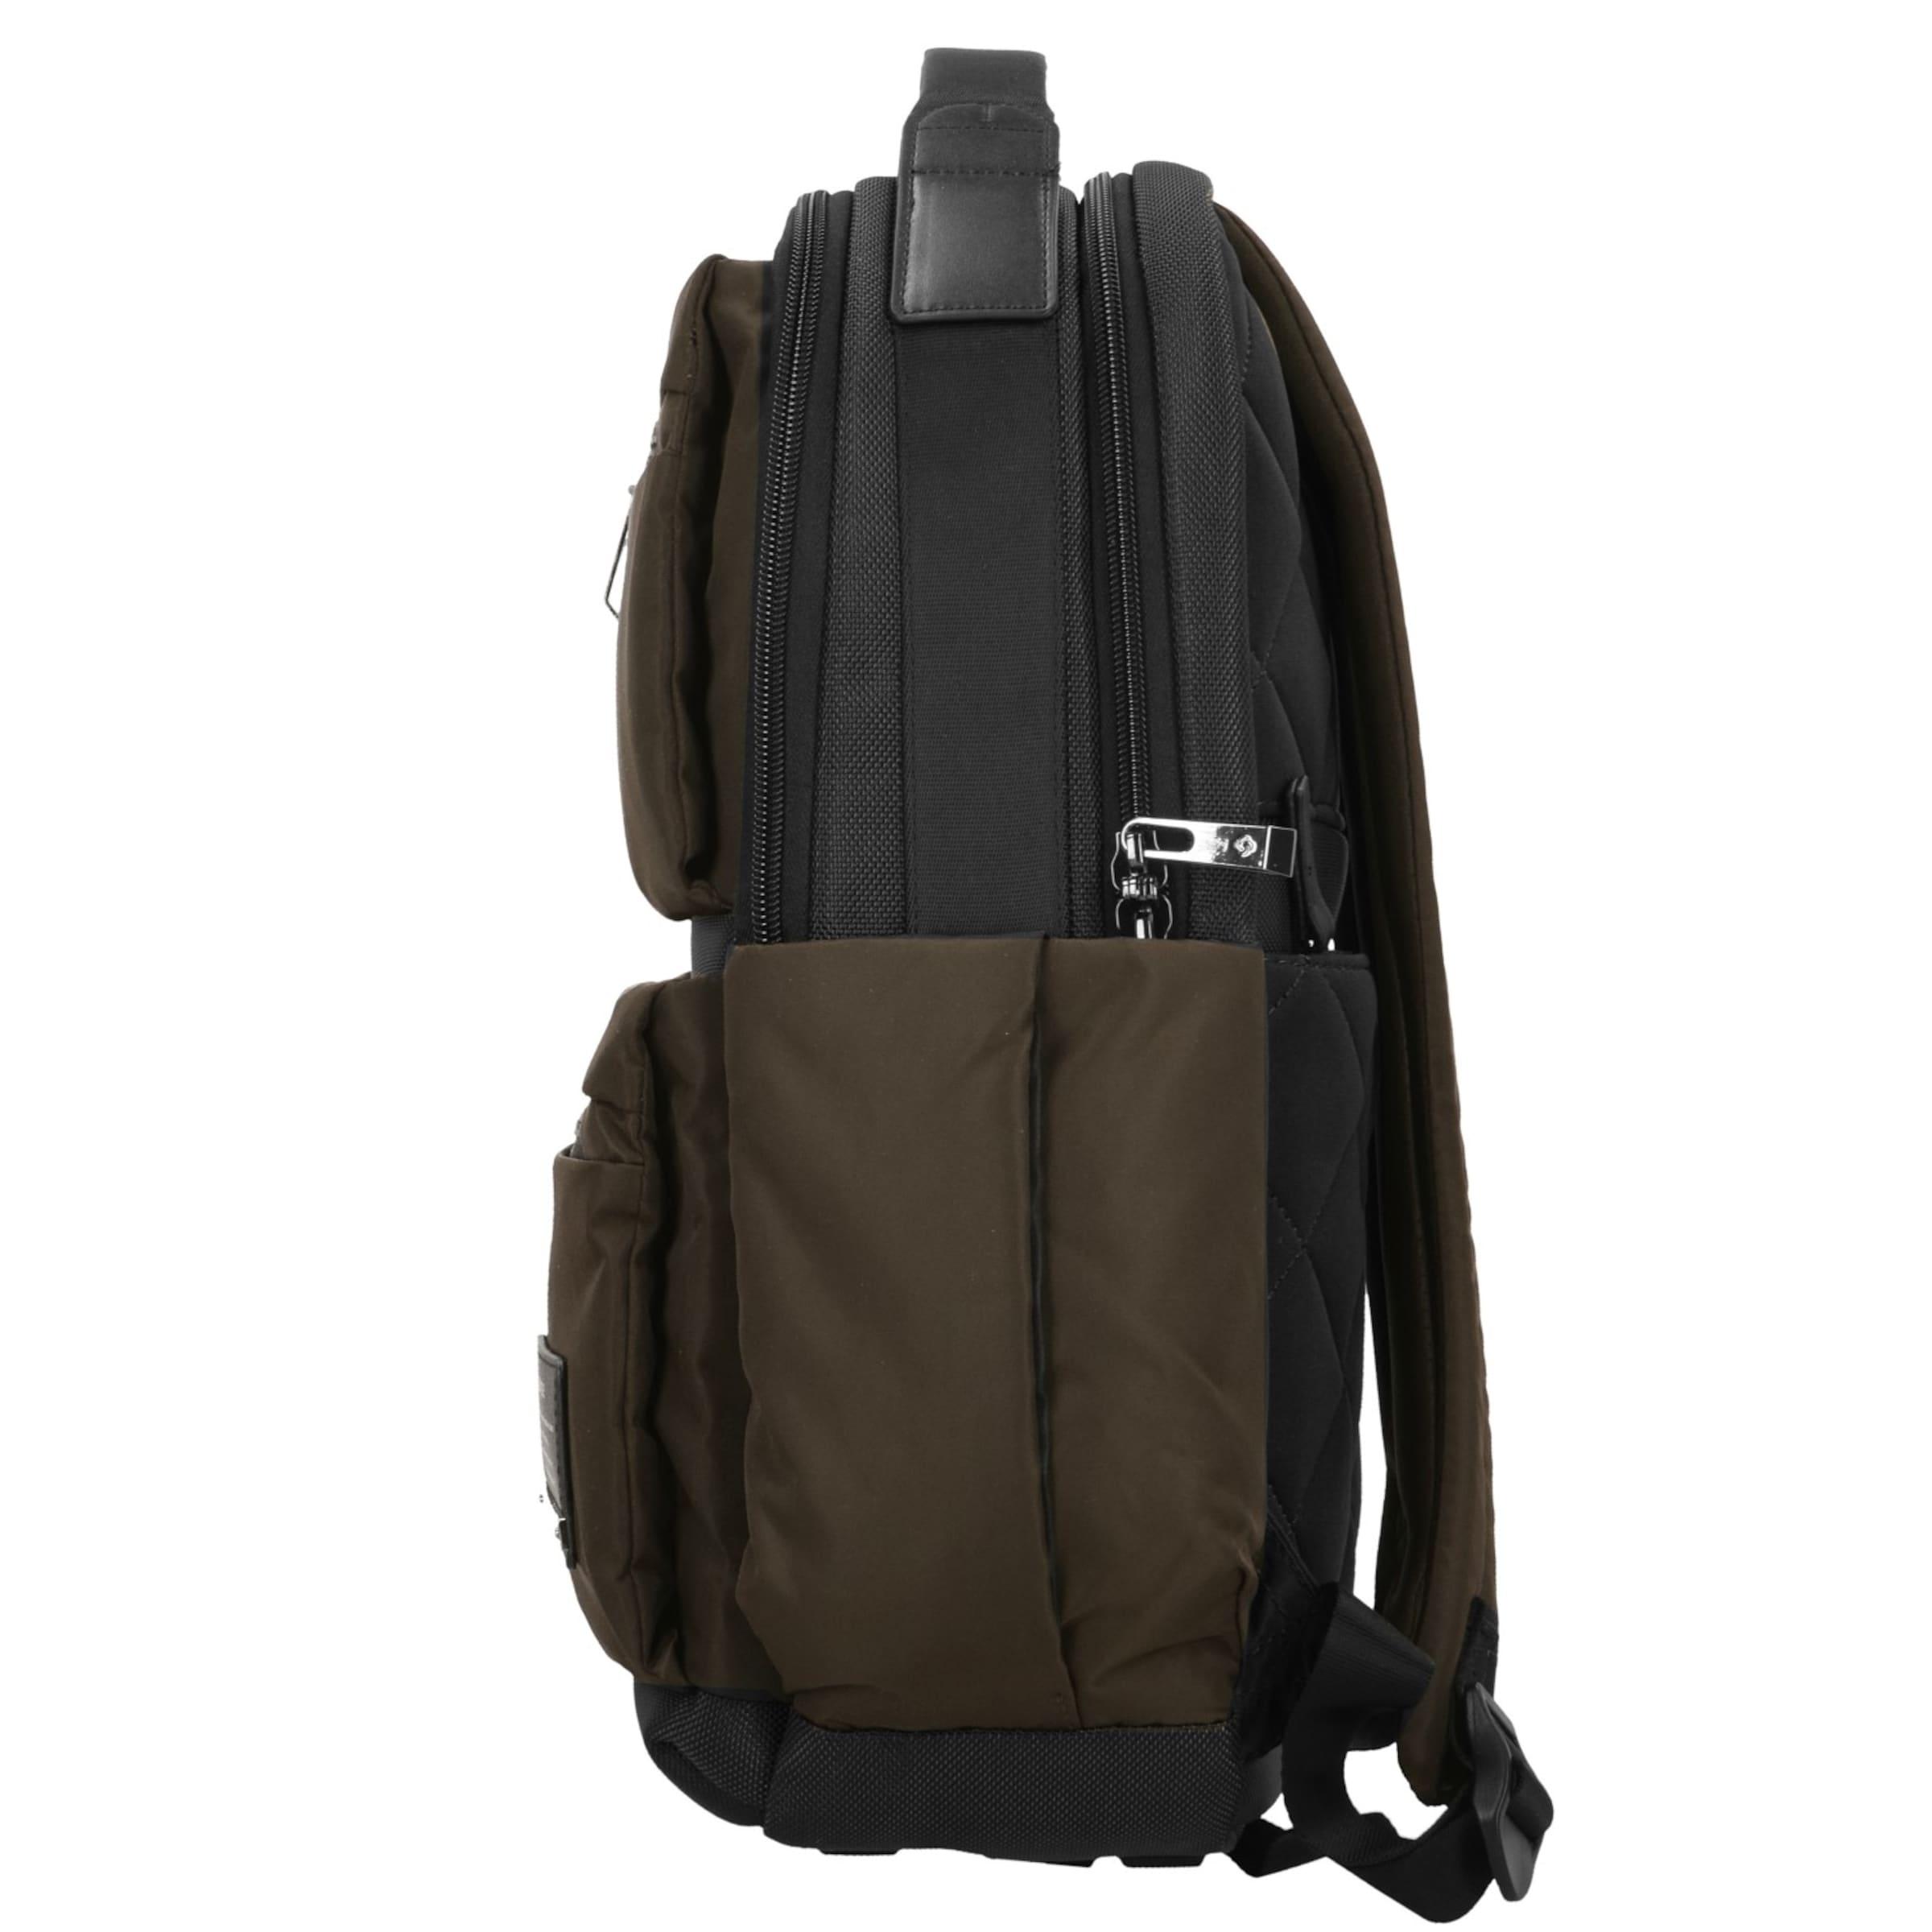 Spielraum Sehr Billig Freies Verschiffen Heißen Verkauf SAMSONITE Openroad Weekender Rucksack Leder 48 cm Laptopfach Billigsten Günstig Online Spielraum Wirklich Kostenloser Versand Zu Kaufen skSwijxTKH